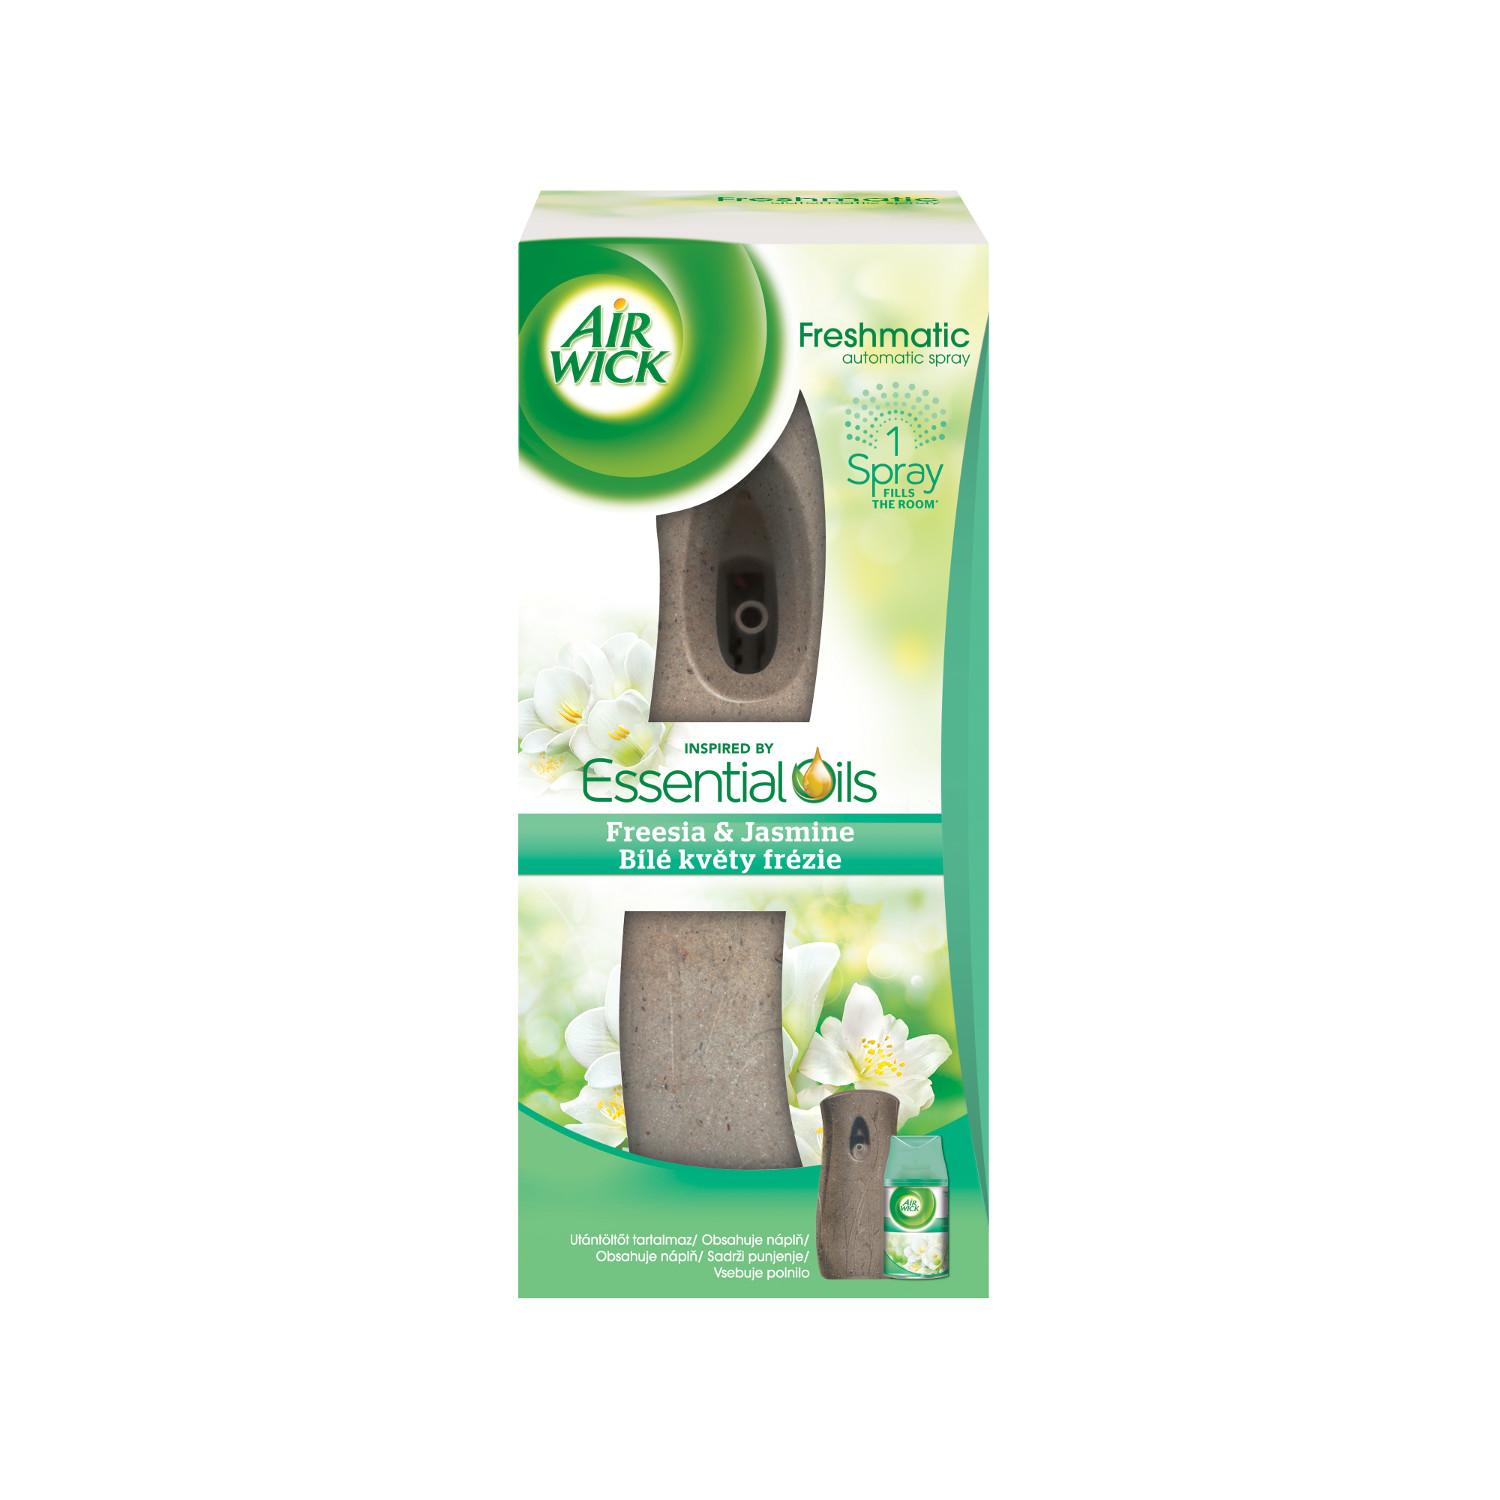 Freshmatic osvěžovač vzduchu + náplň - Bílé květy frézie